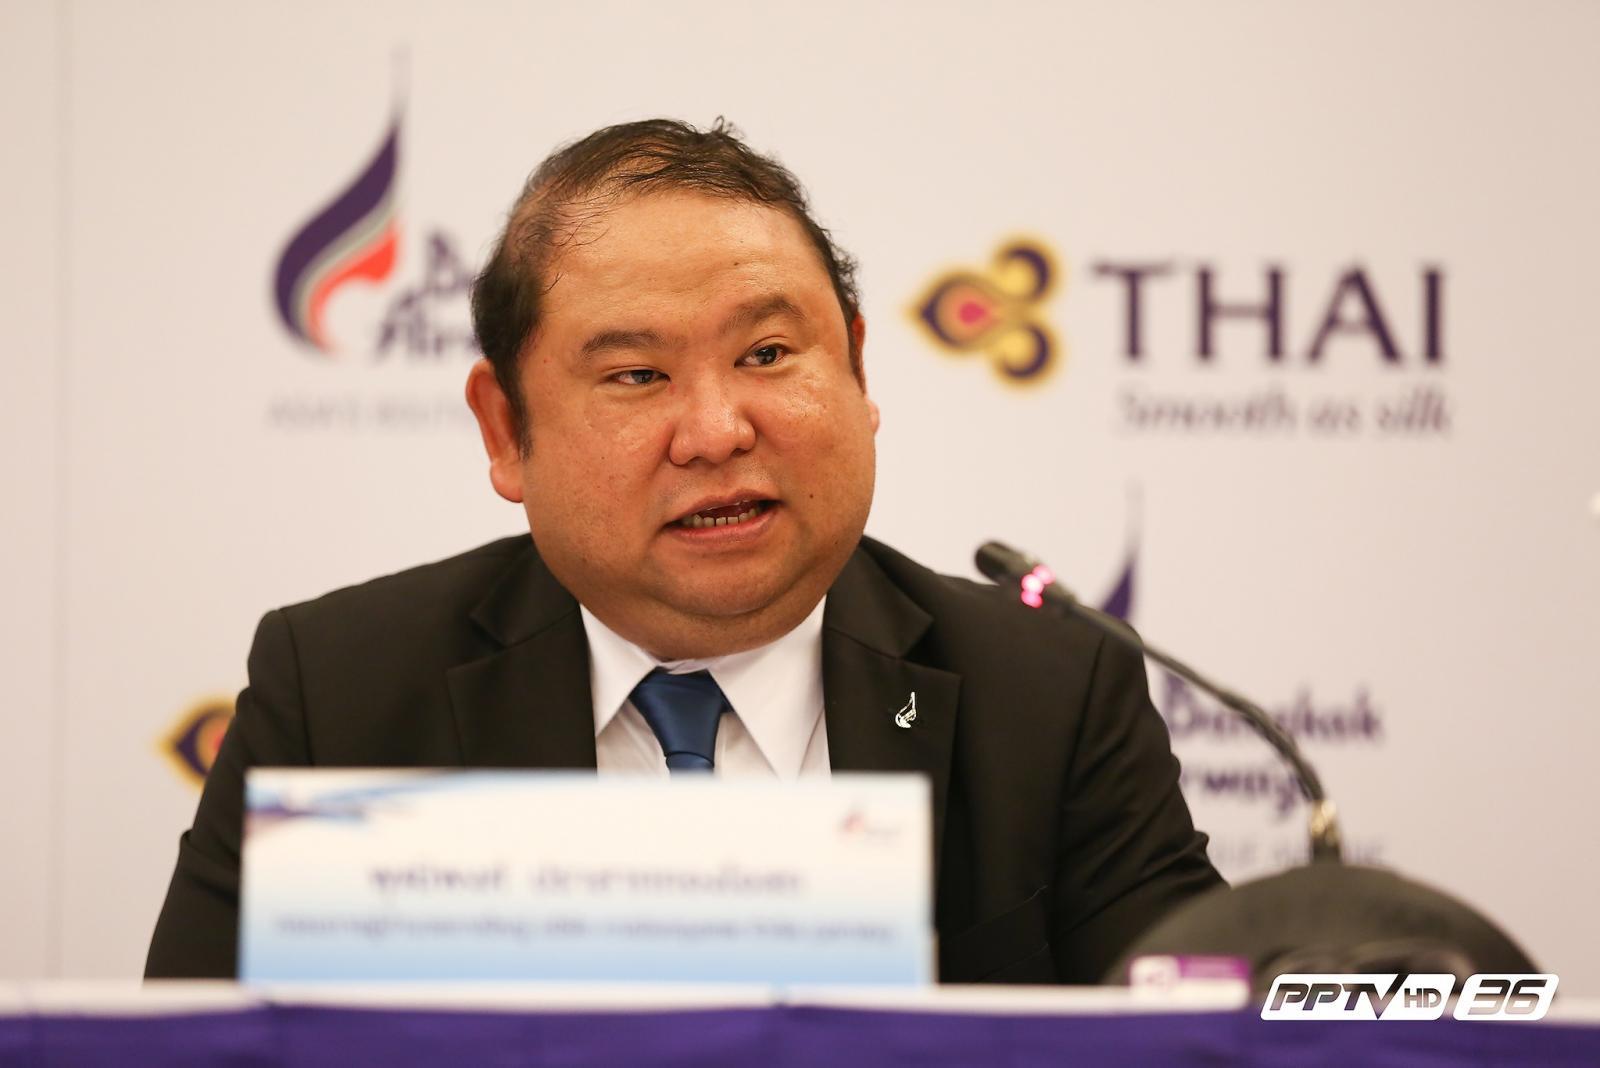 การบินไทย –บางกอกแอร์เวย์ส เปิดเที่ยวบินร่วมกัน